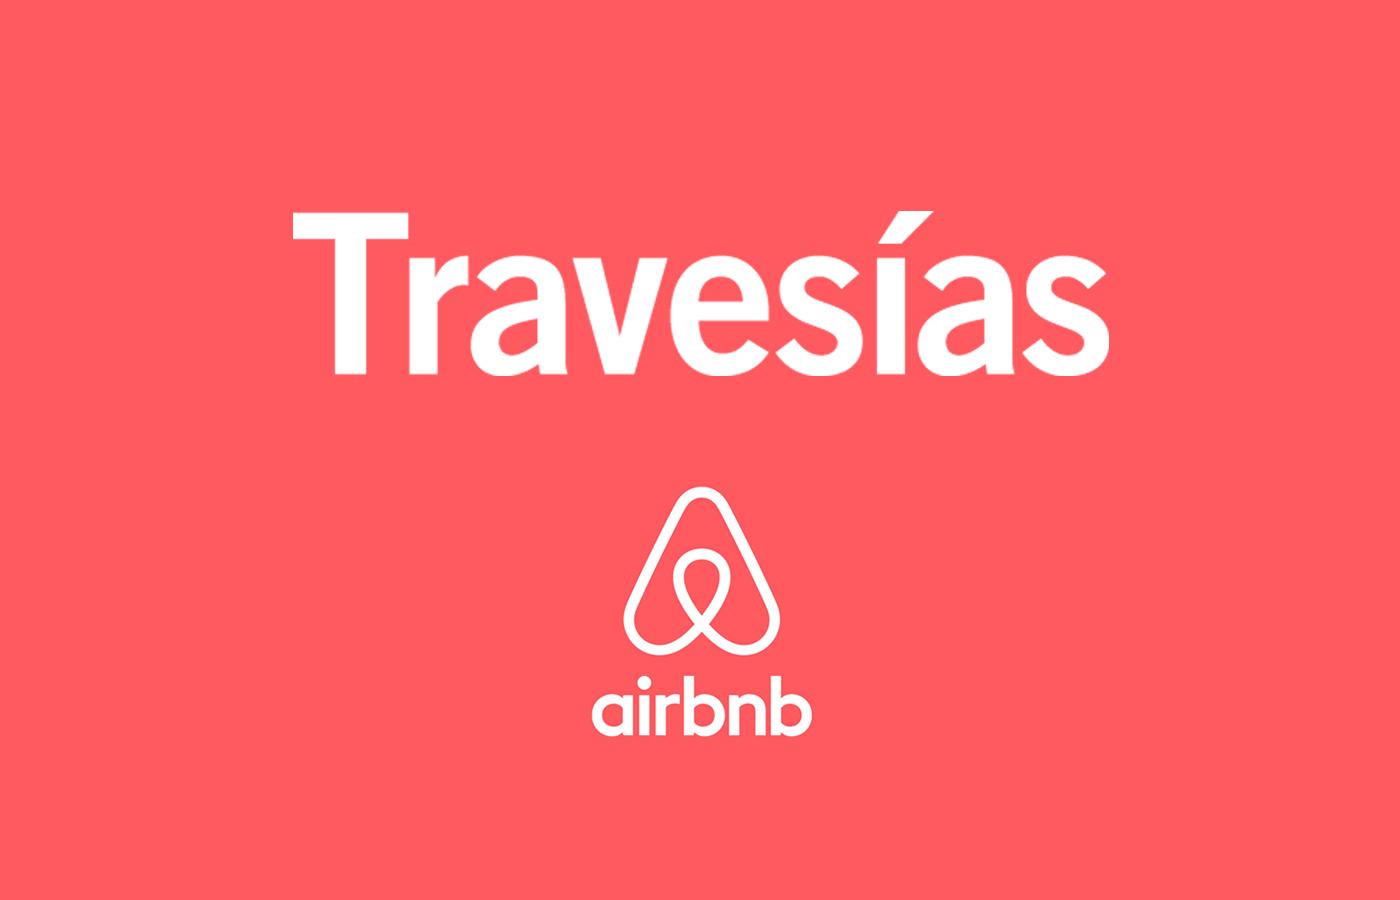 airbnb-caso-de-exito